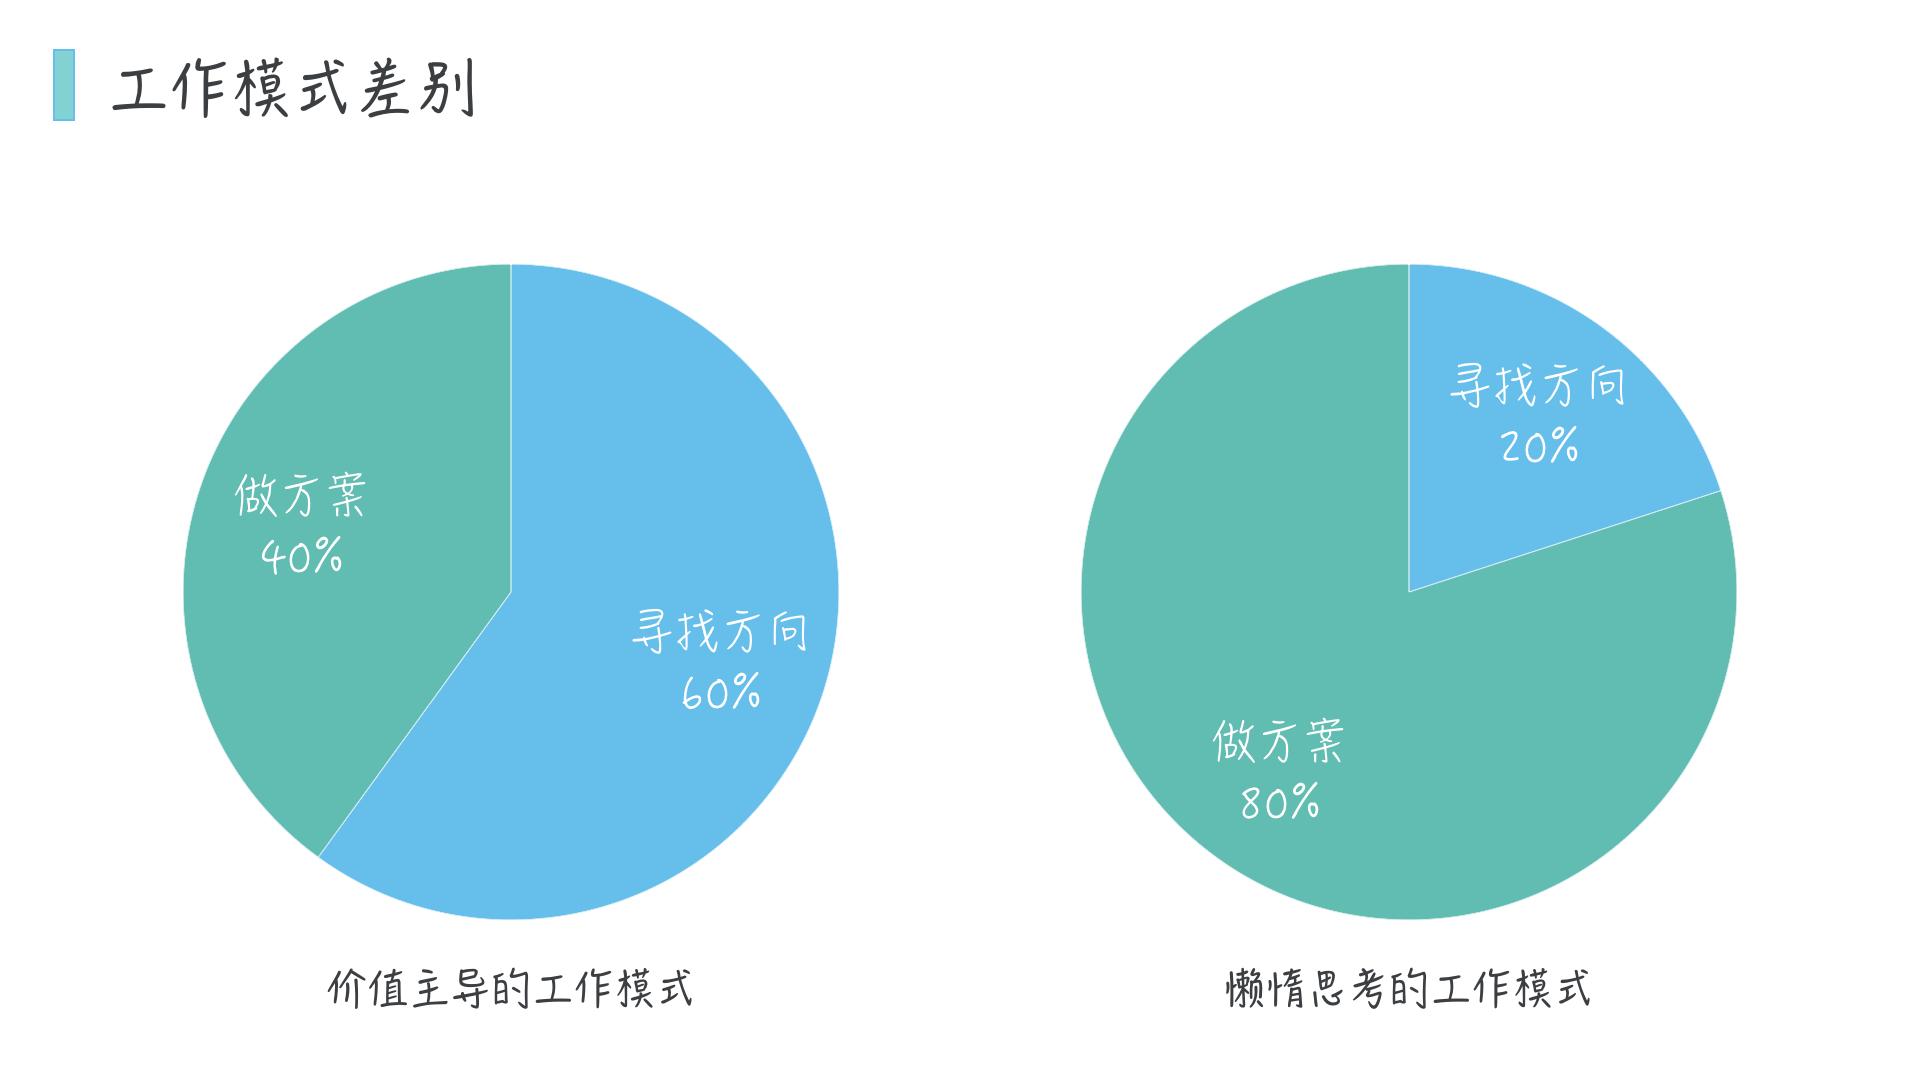 产品经理深度的差别:确定优先级和提升工作效率的复合型问题插图(1)